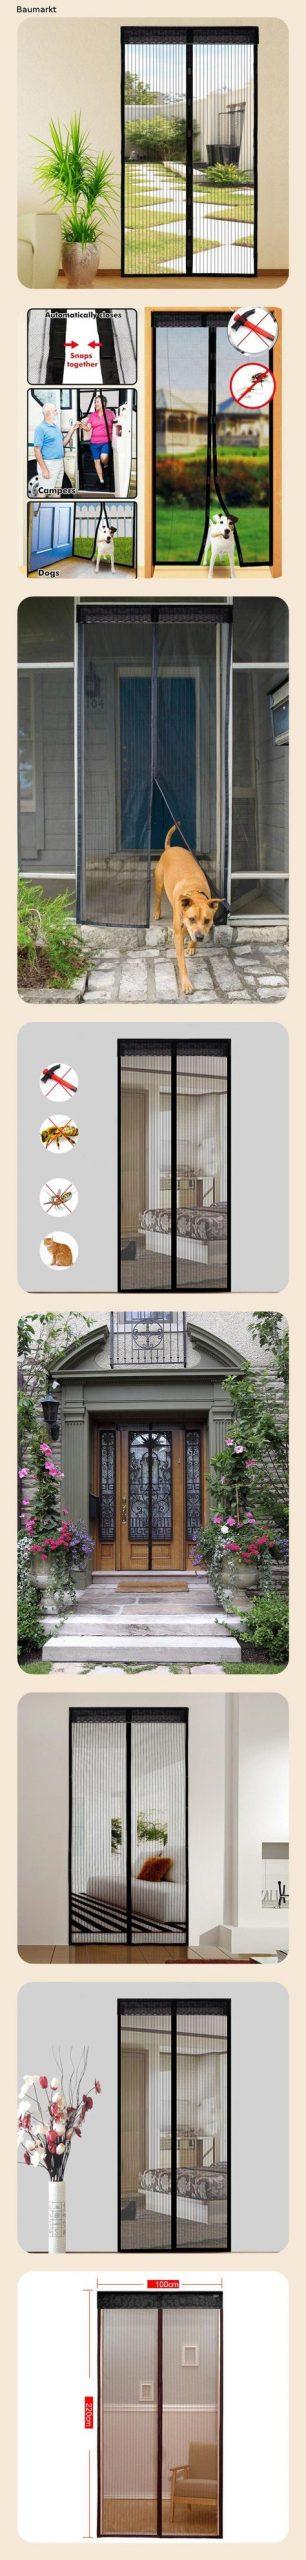 Full Size of Fliegengitter Magnet Extsud Tr Insektenschutz 100x220 Cm Fenster Für Magnettafel Küche Maßanfertigung Wohnzimmer Fliegengitter Magnet